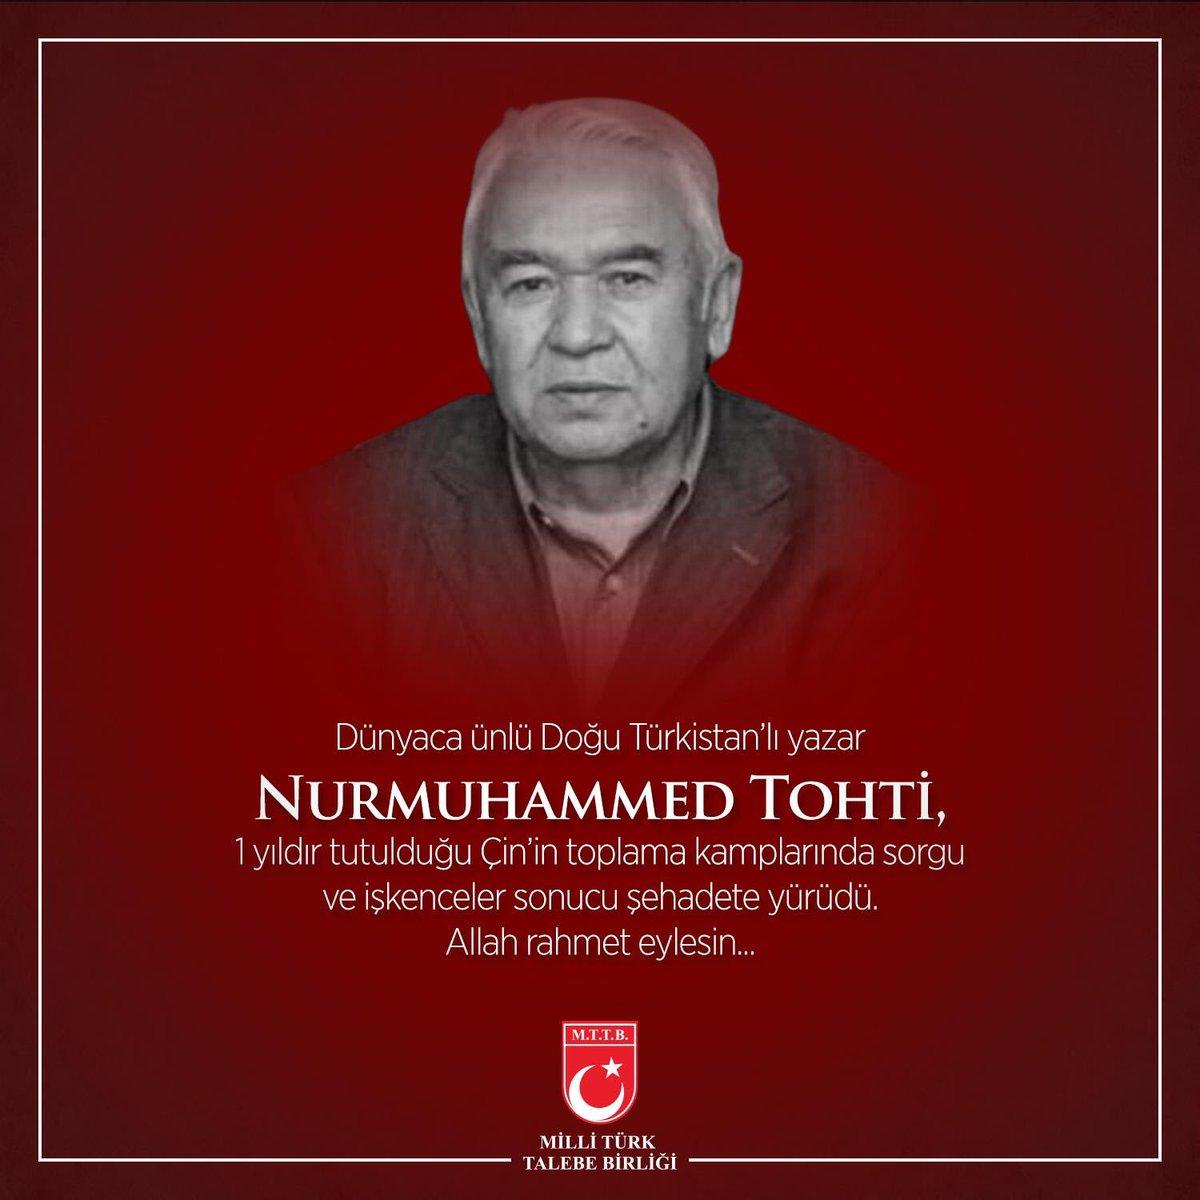 Dünyaca meşhur Doğu Türkistan'lı yazar #NurmuhammedTohti, 1 yıldır tutulduğu Çin'in toplama kamplarında sorgu ve işkenceler sonucu şehadete yürüdü.  Allah rahmet eylesin... 😢  #Şehadet 😔